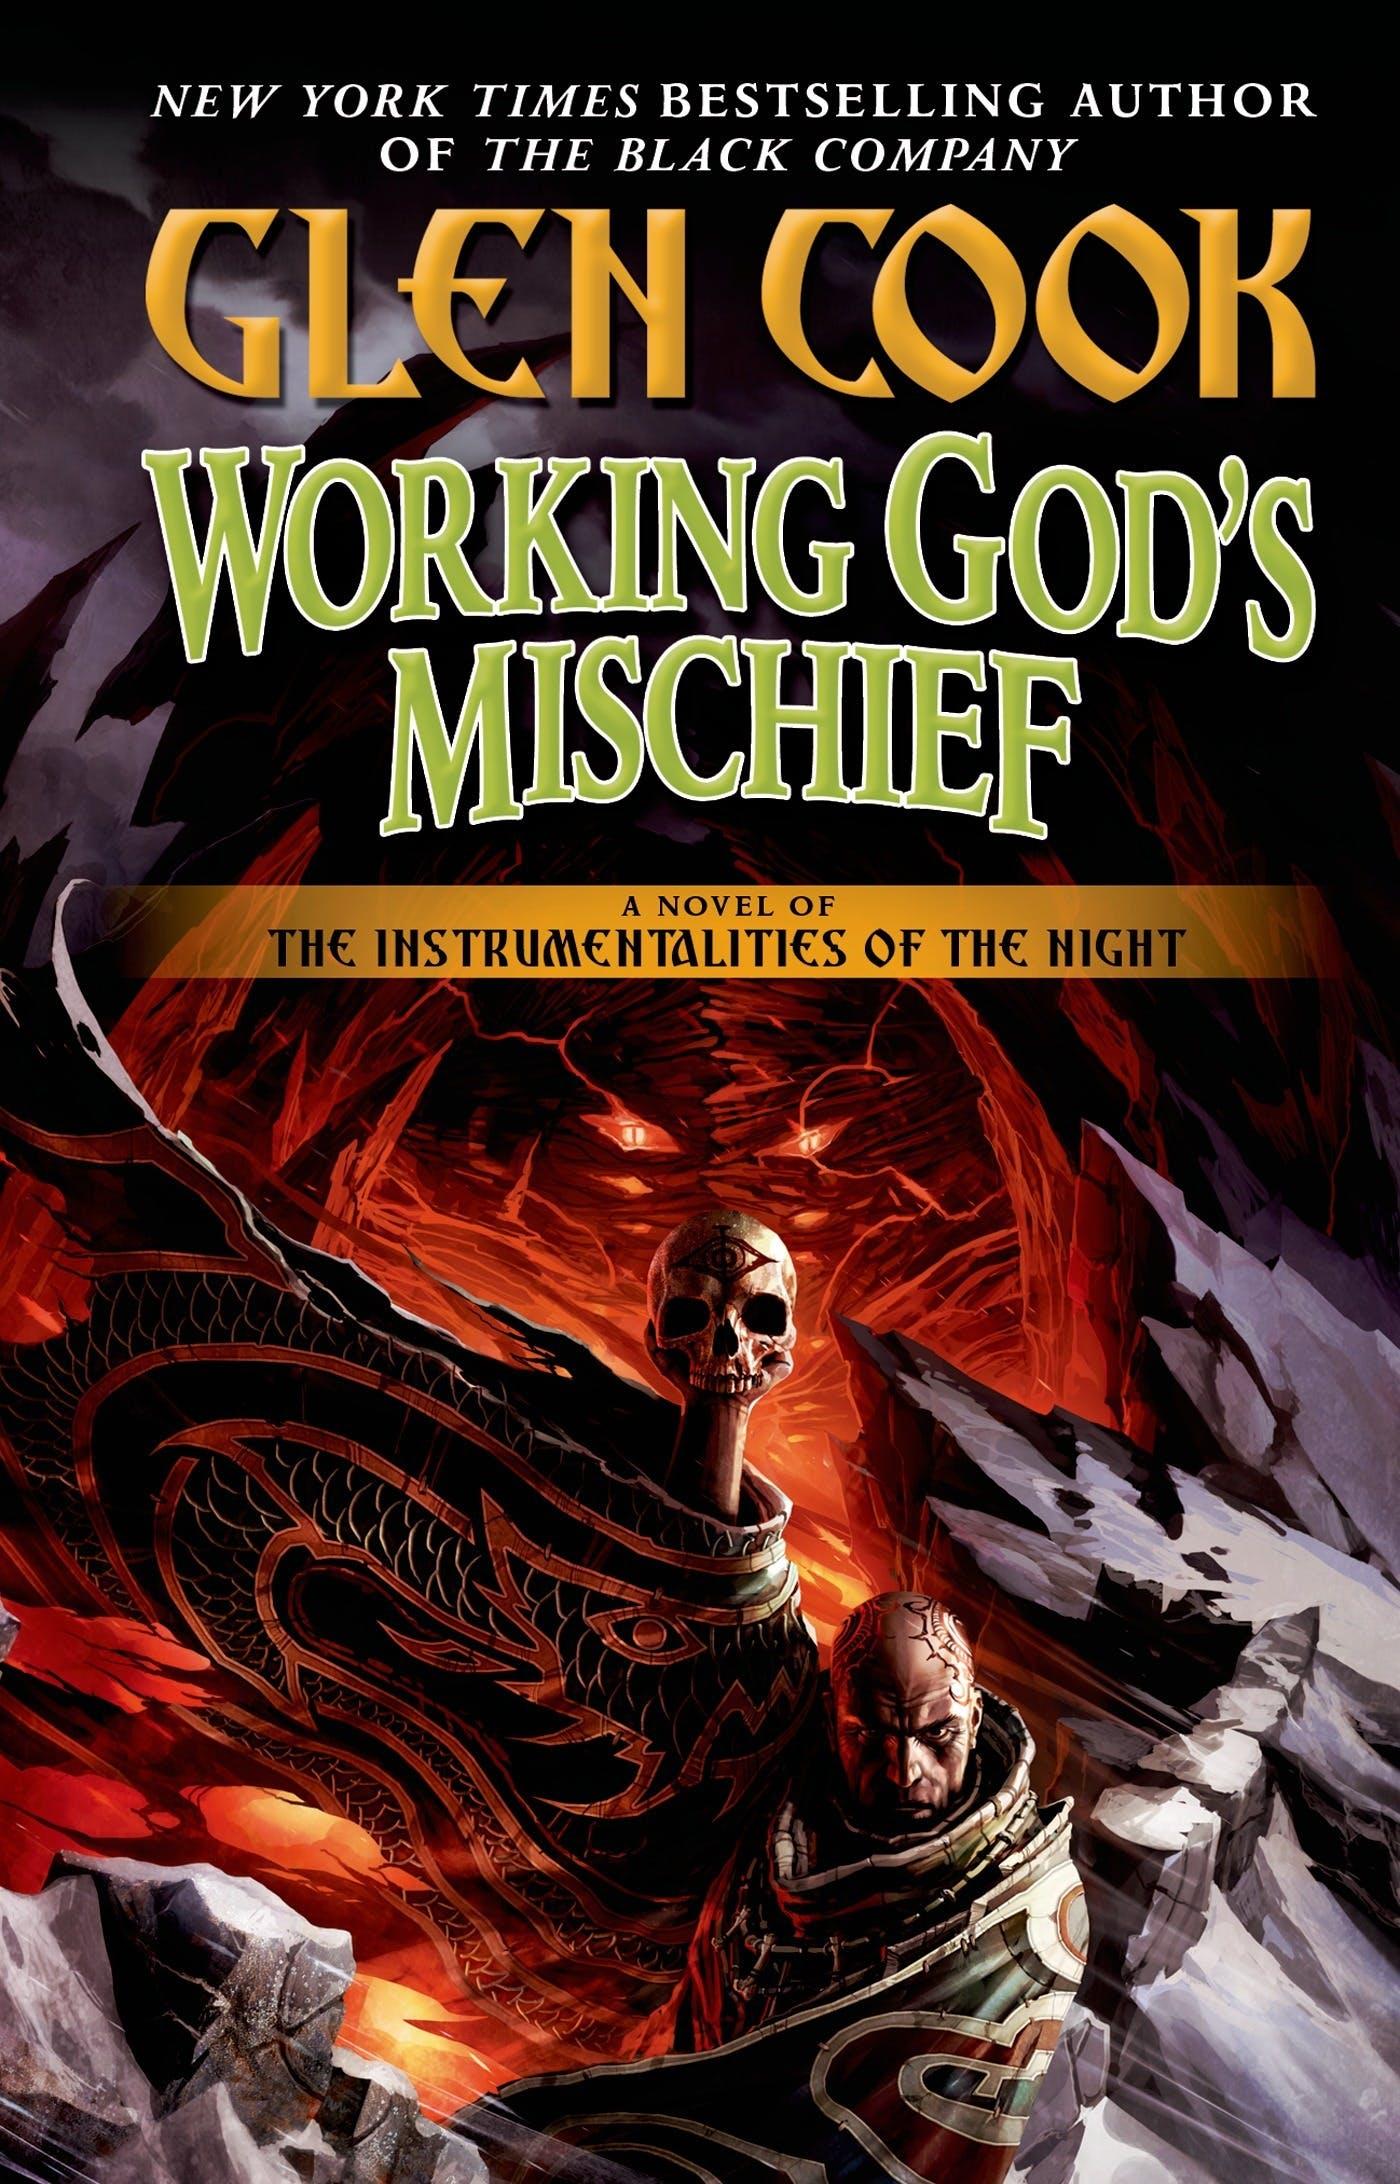 Image of Working God's Mischief